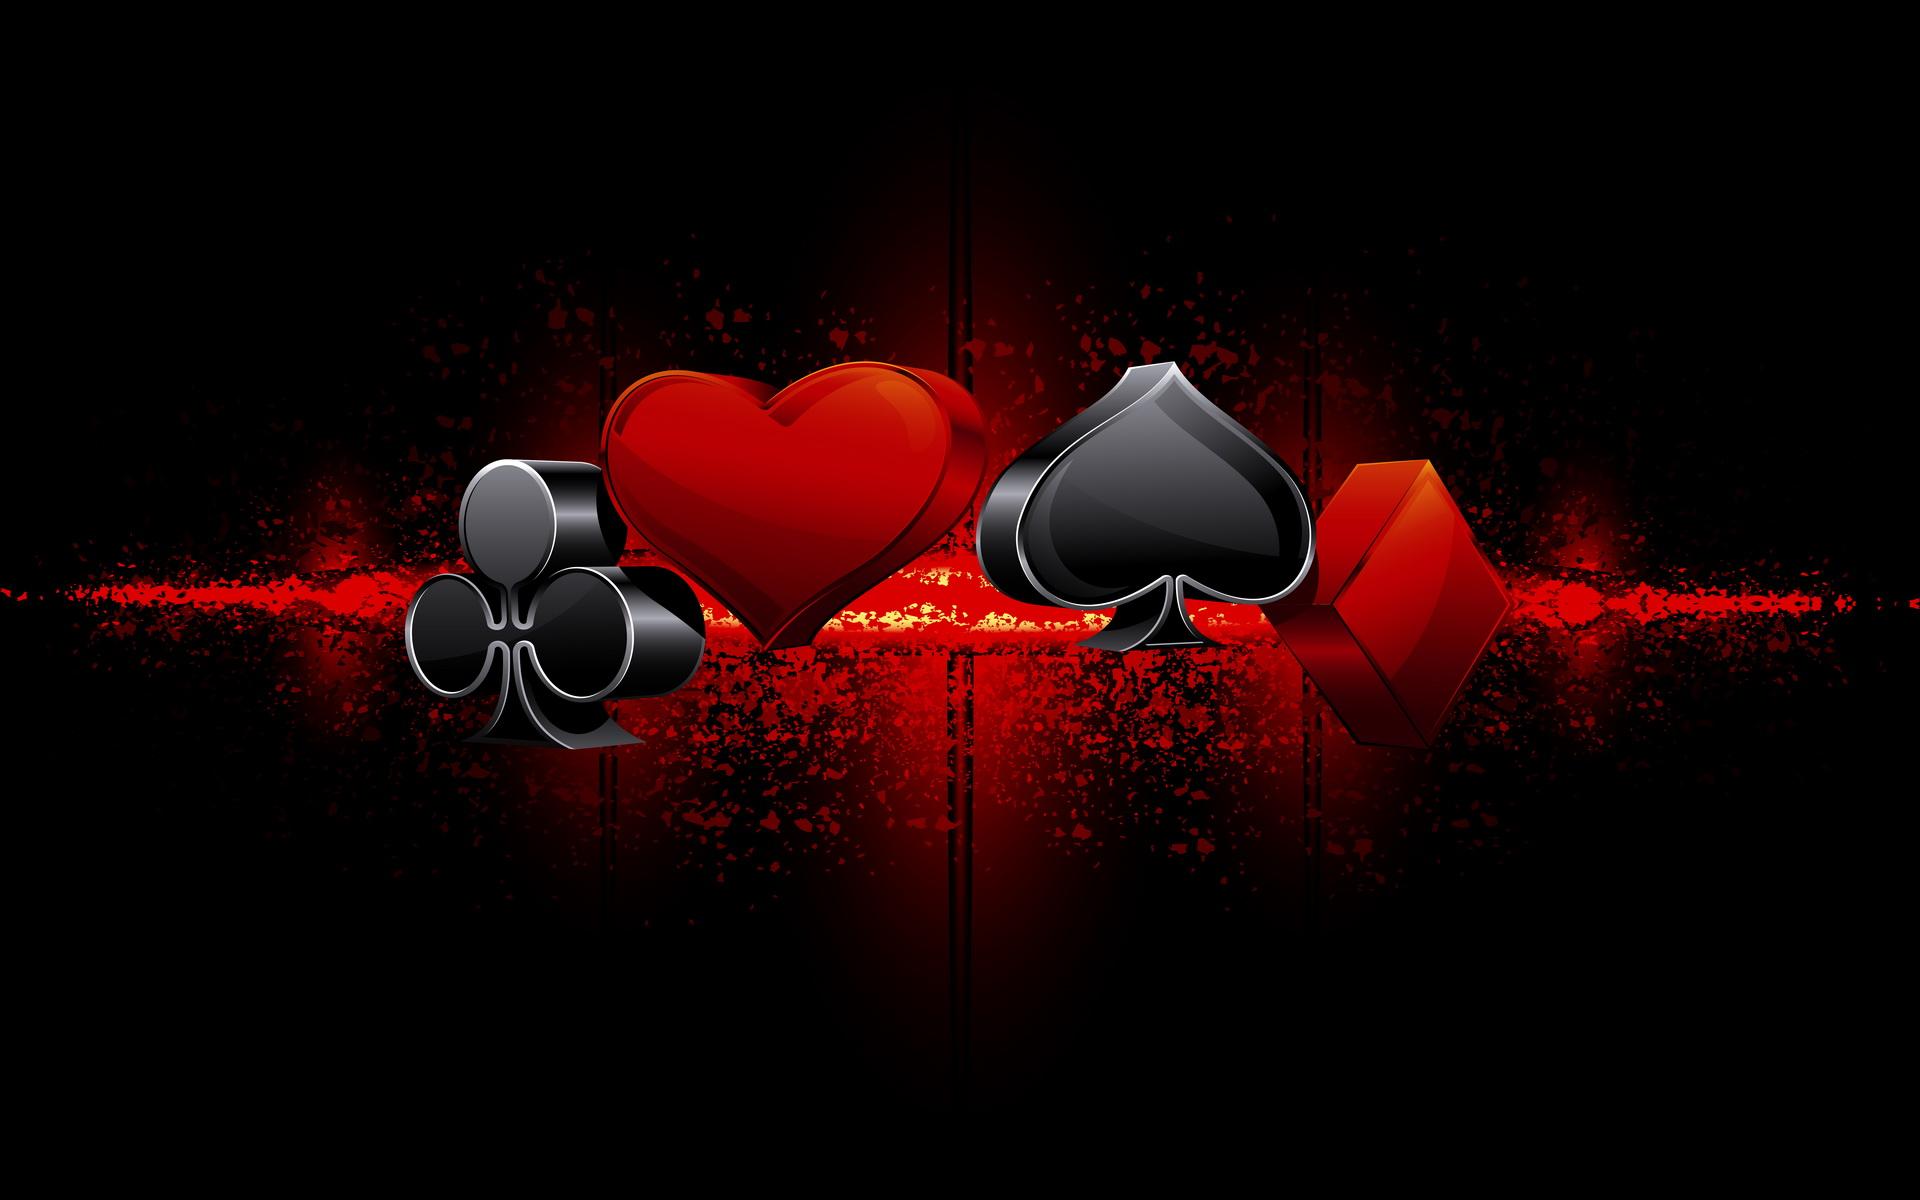 Casino Games  Pogocom Free Online Games